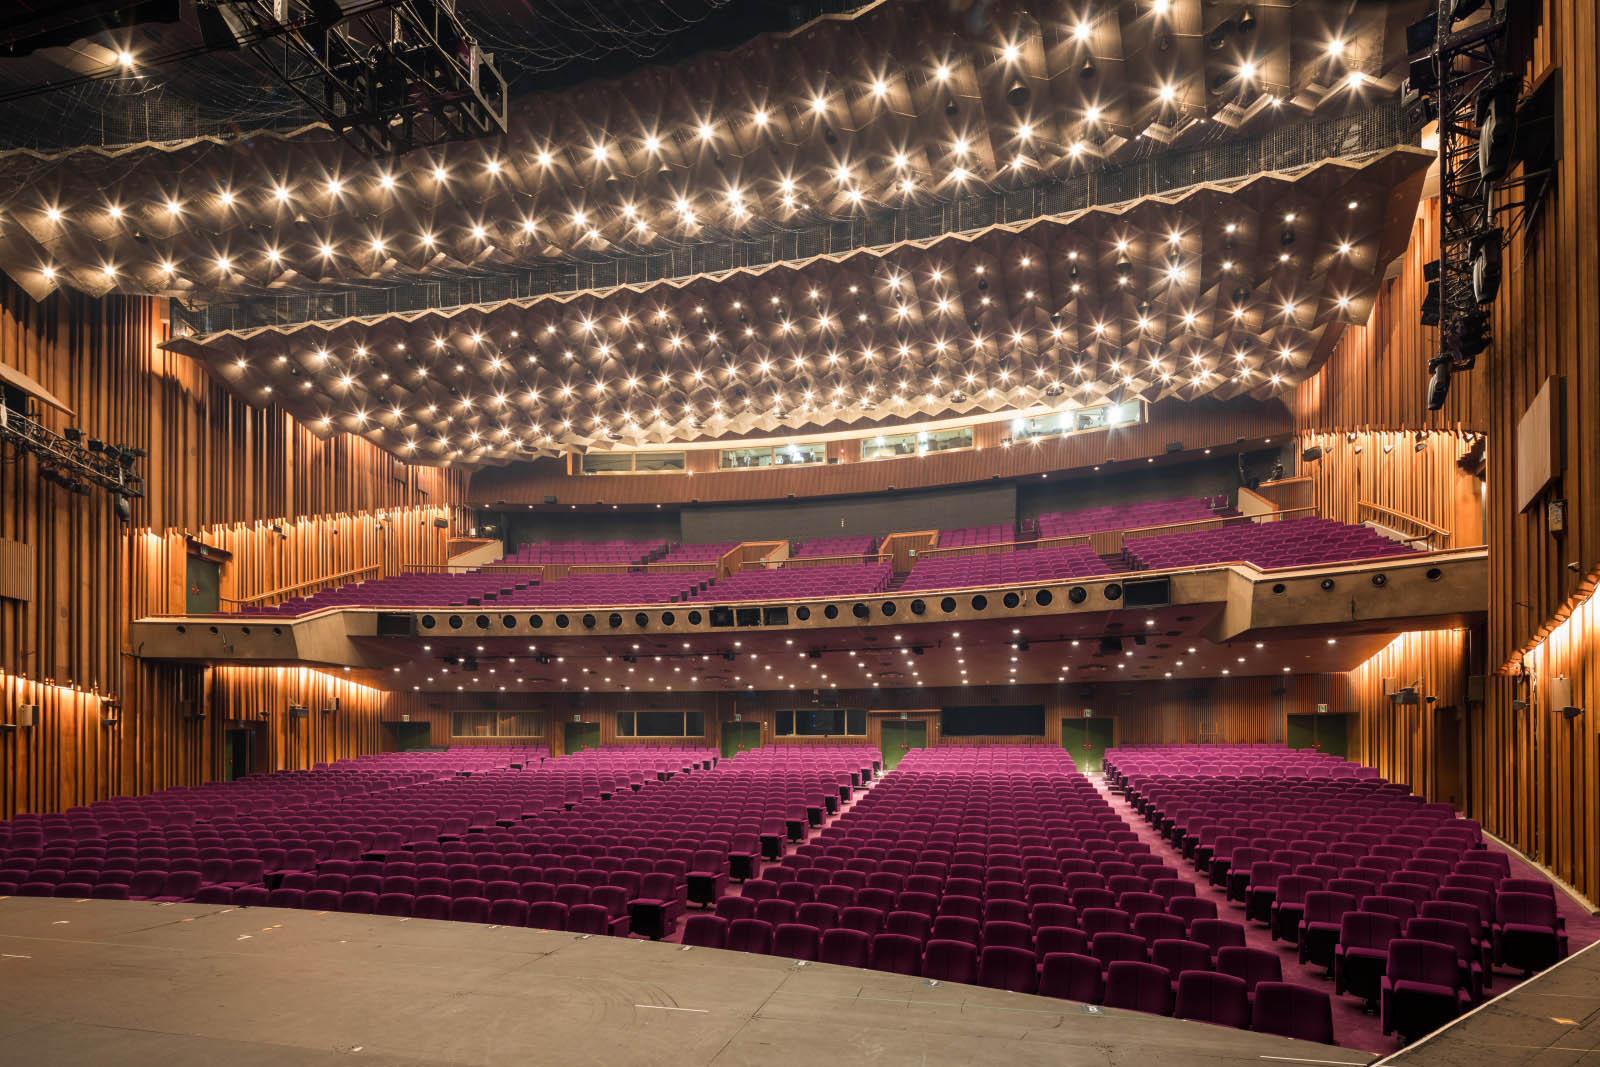 帝国劇場(リニューアル) |コトブキシーティング株式会社